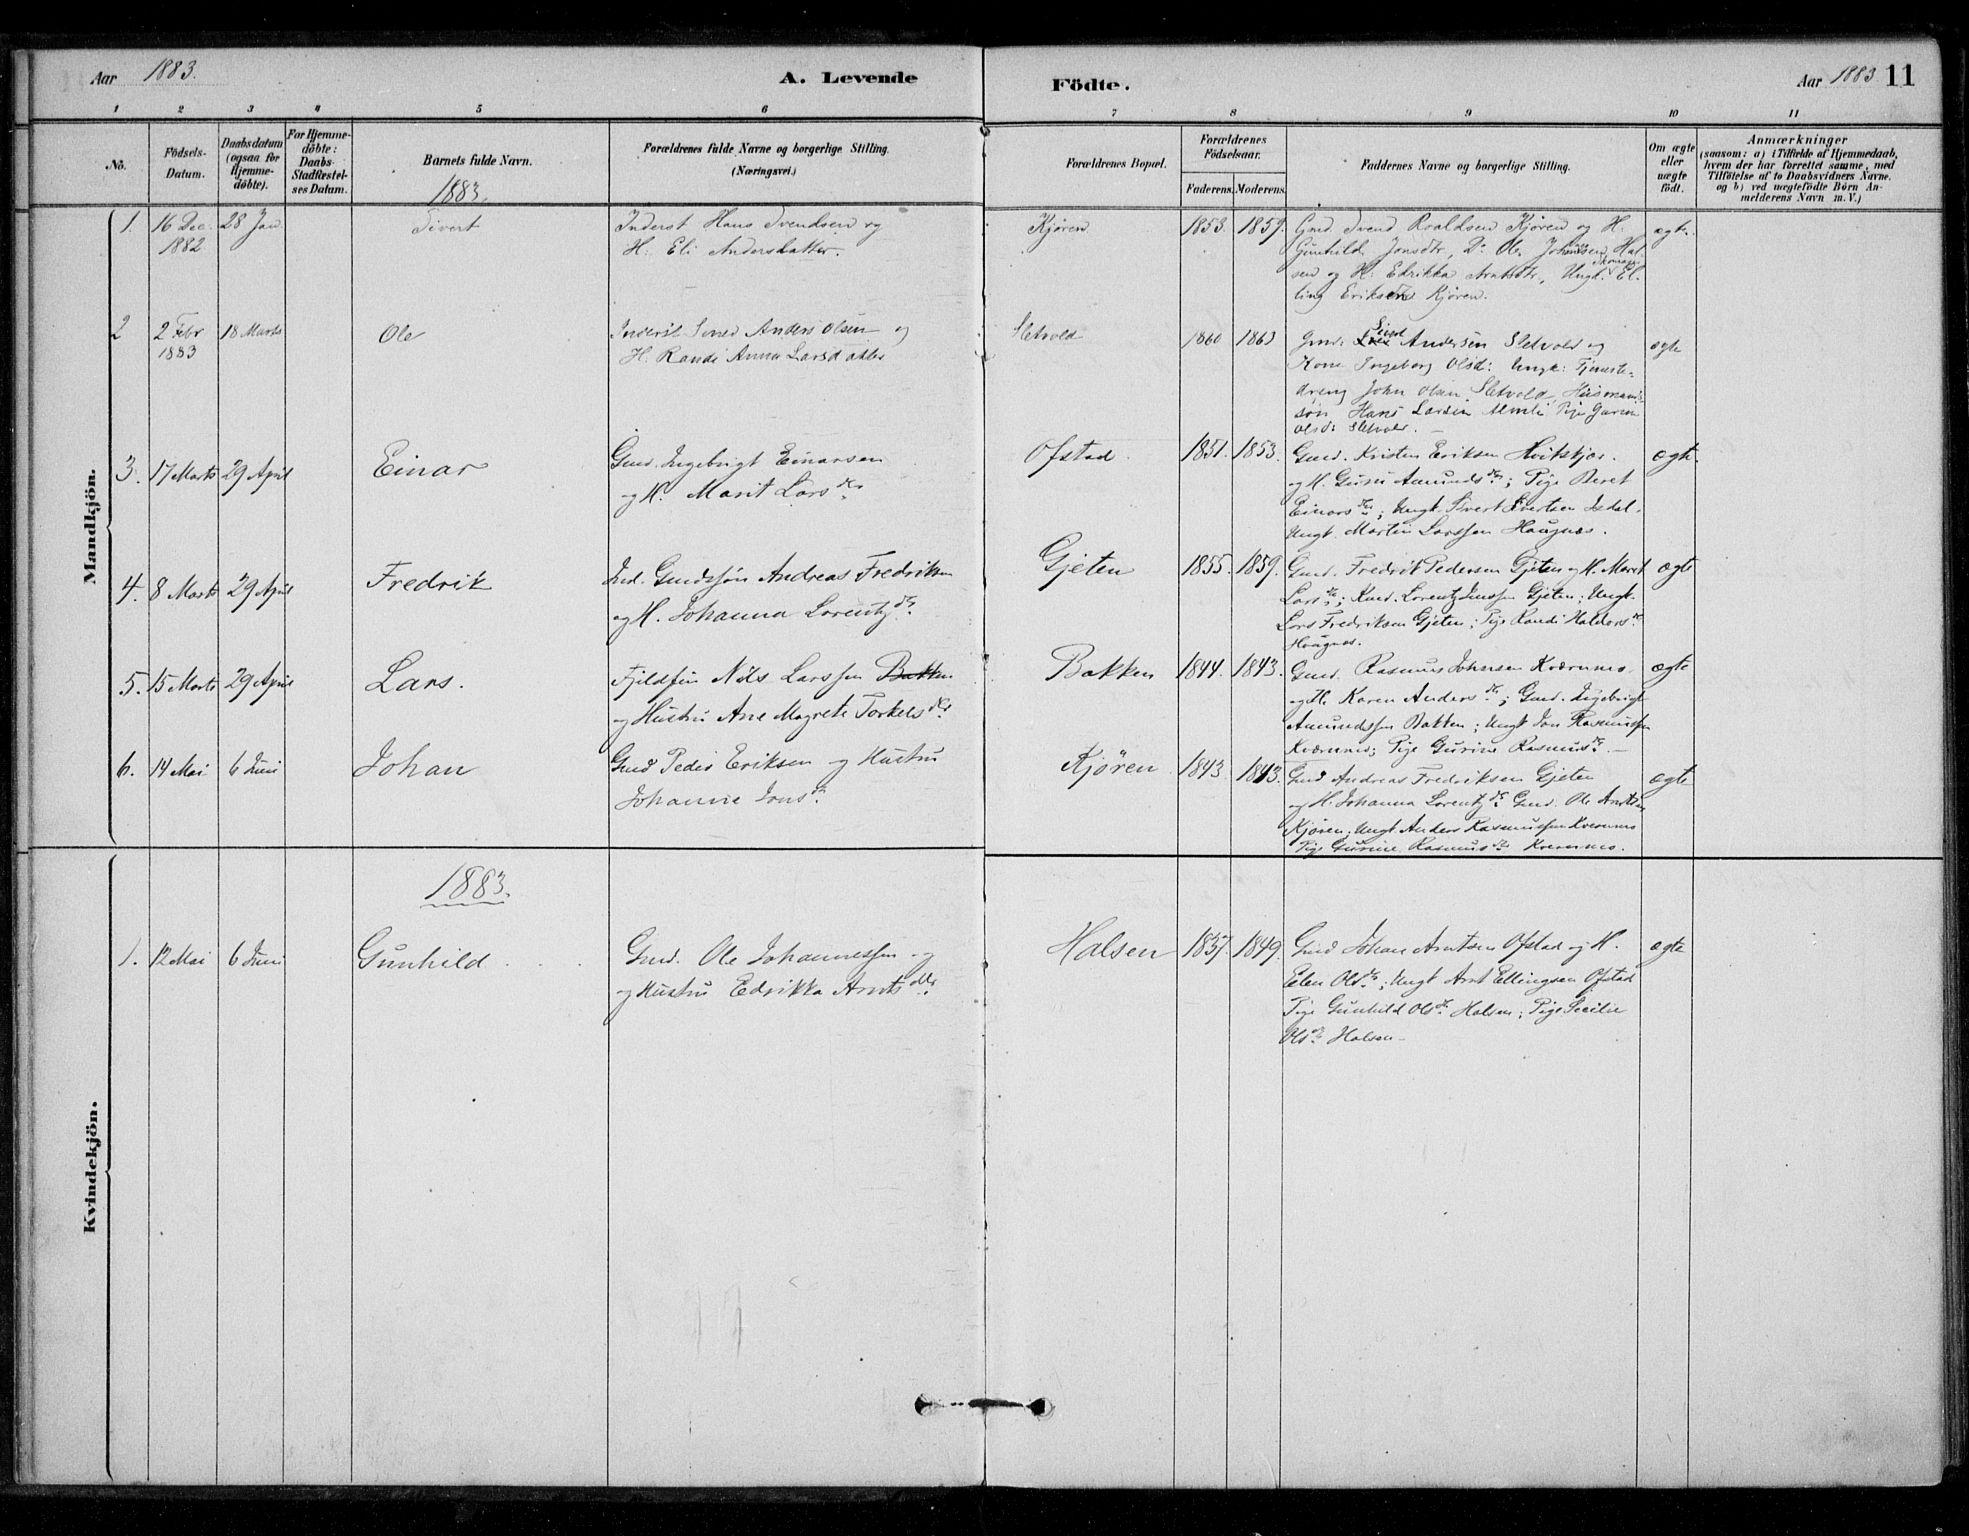 SAT, Ministerialprotokoller, klokkerbøker og fødselsregistre - Sør-Trøndelag, 670/L0836: Ministerialbok nr. 670A01, 1879-1904, s. 11